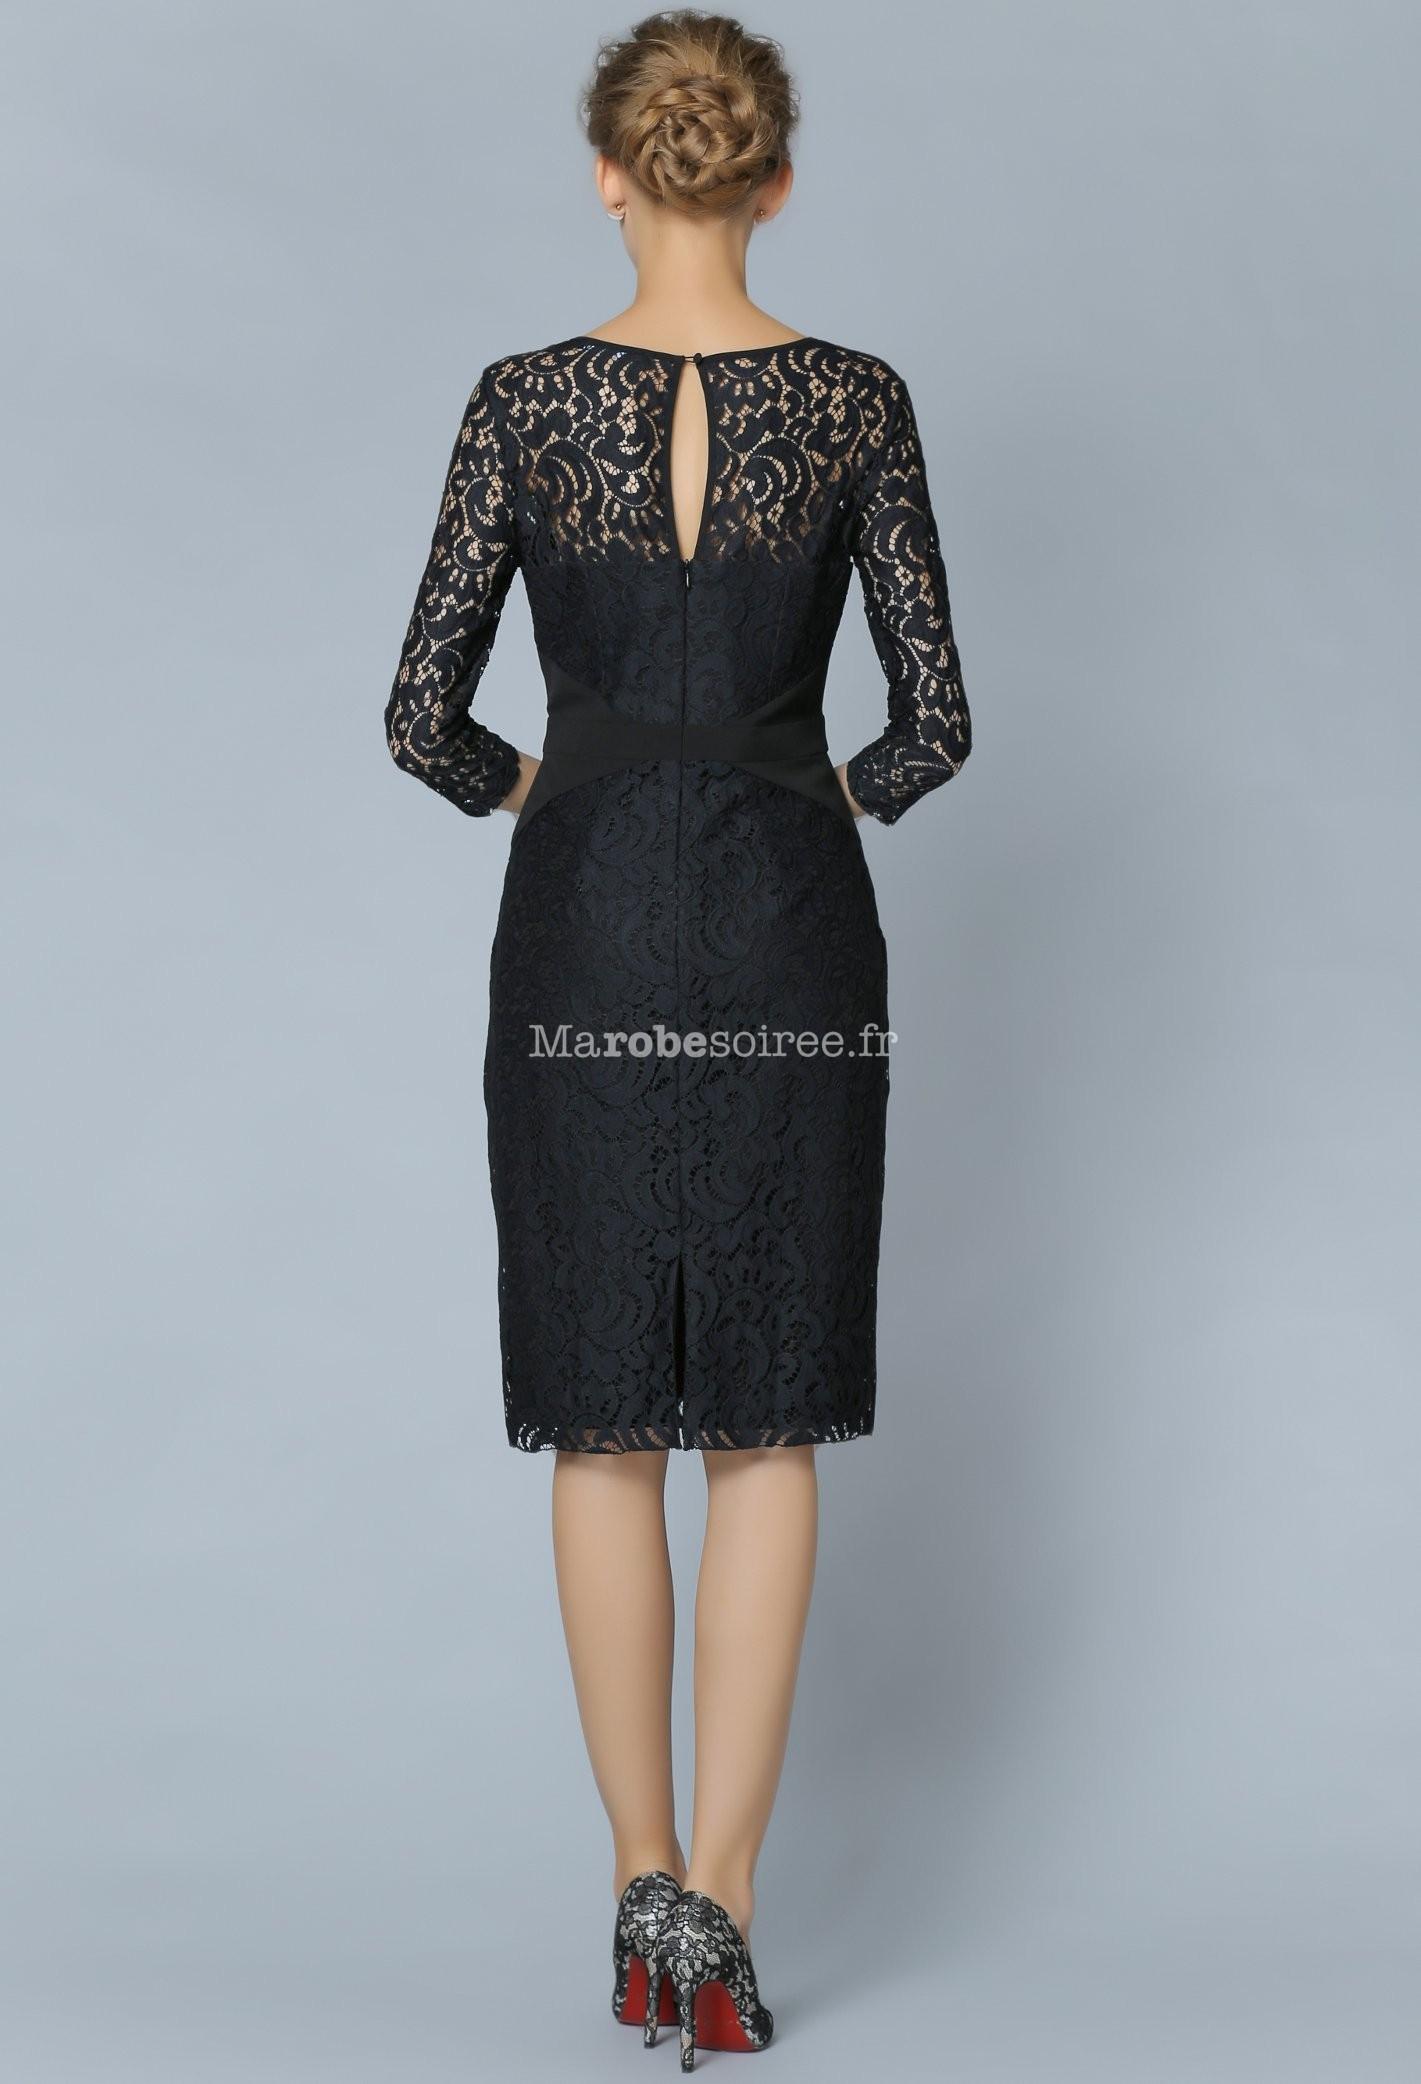 8d46927c81a43 Robe tailleur en dentelle manches longues ...